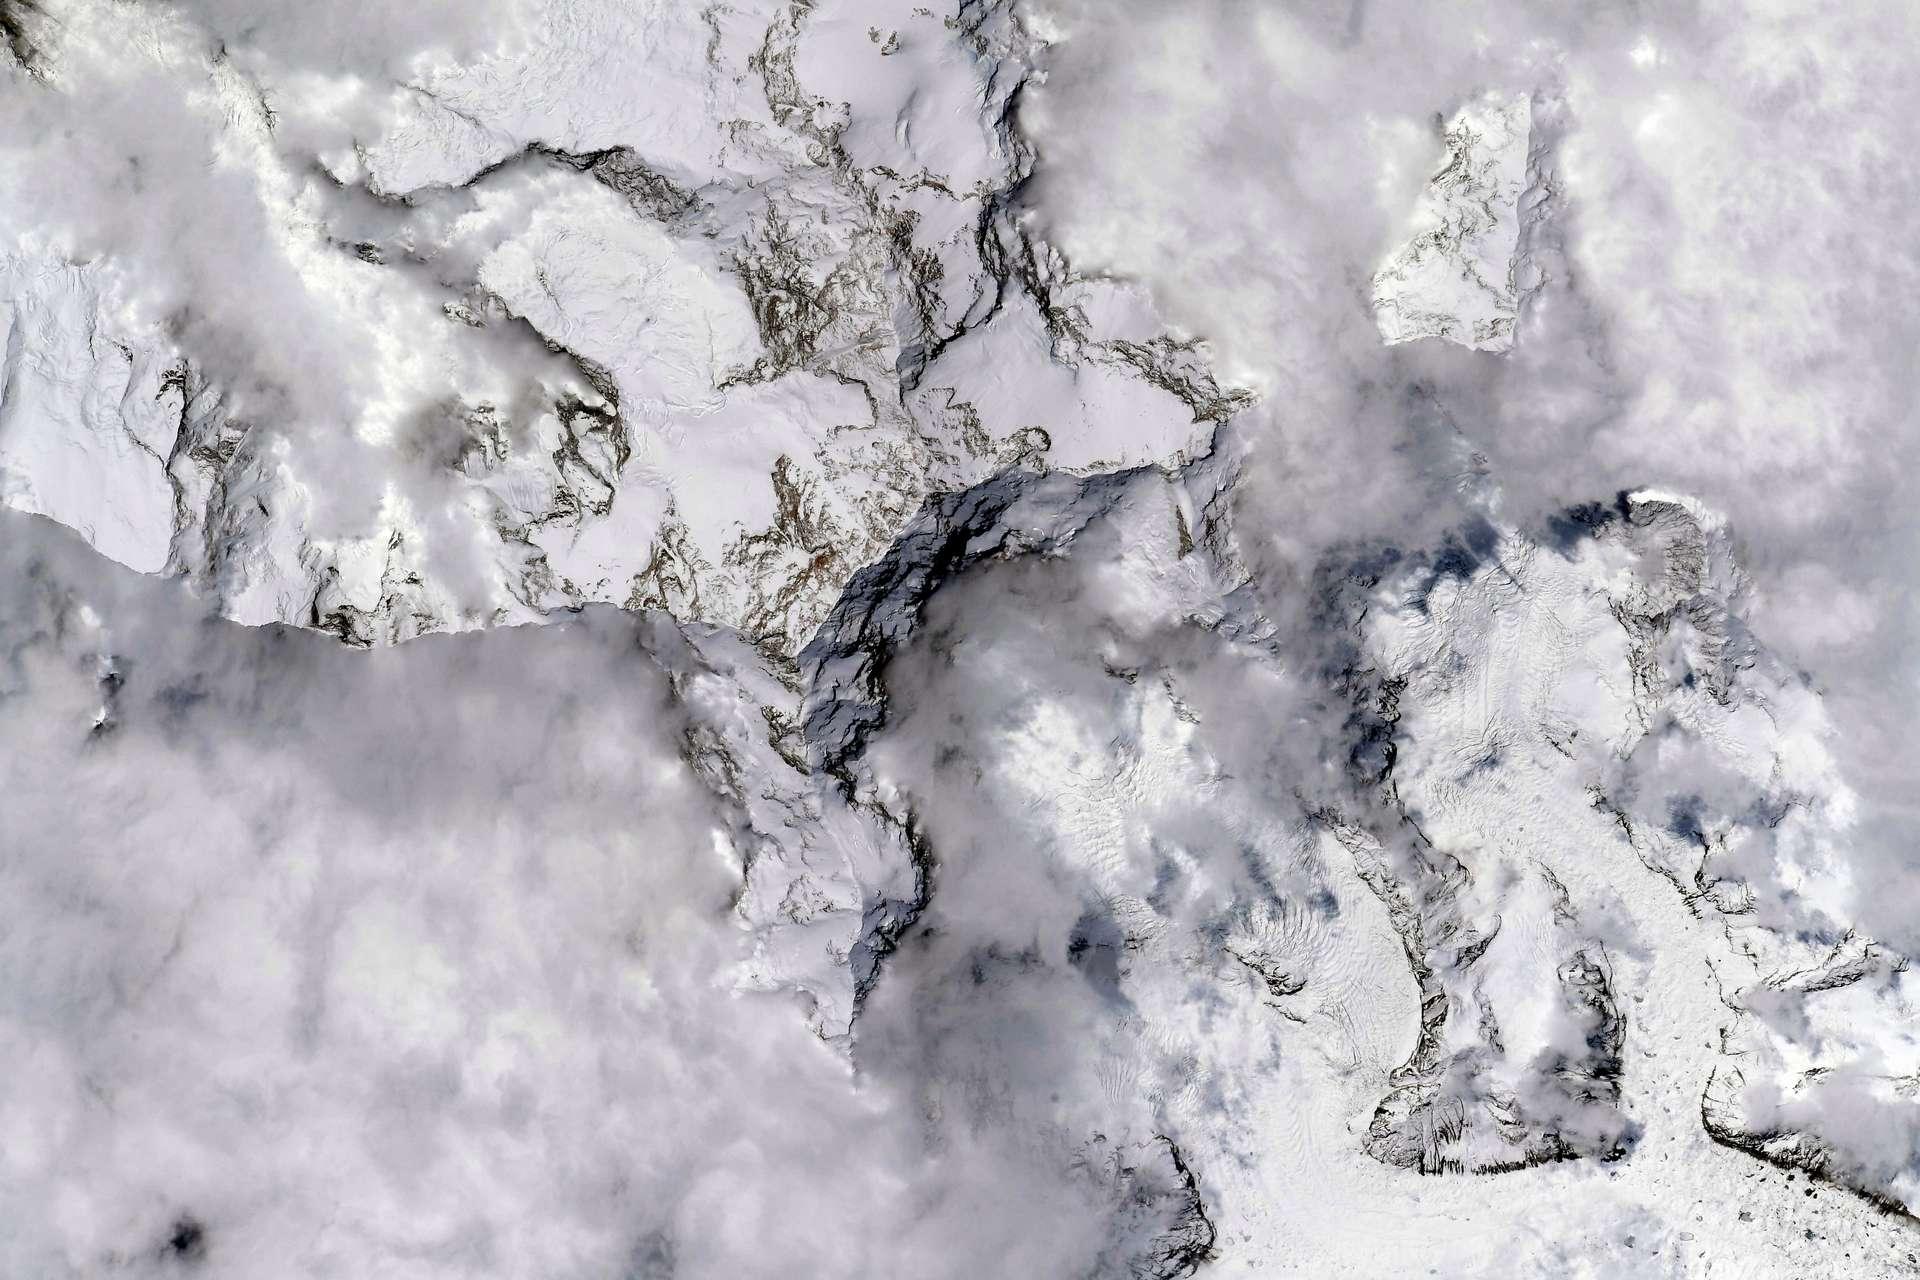 Le mont Everest, photographié par l'astronaute français Thomas Pesquet, en mai 2021. © ESA/Nasa, Thomas Pesquet